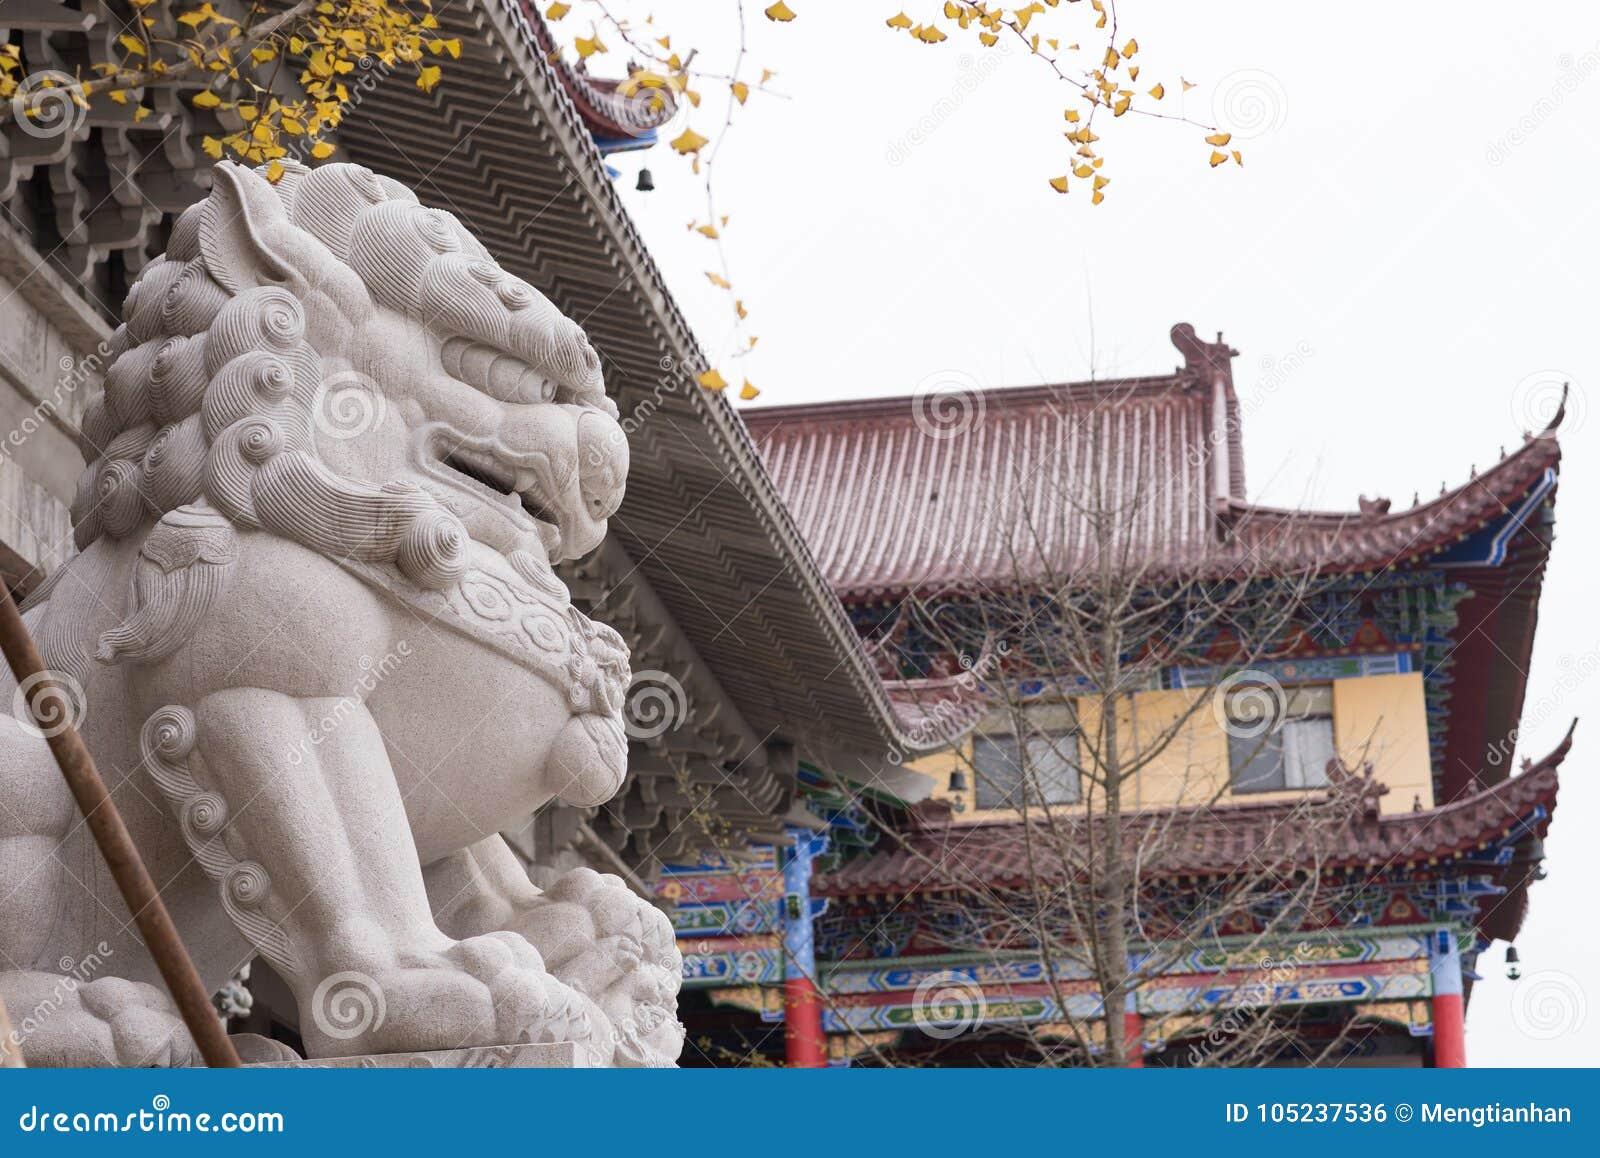 Lions en pierre devant le temple